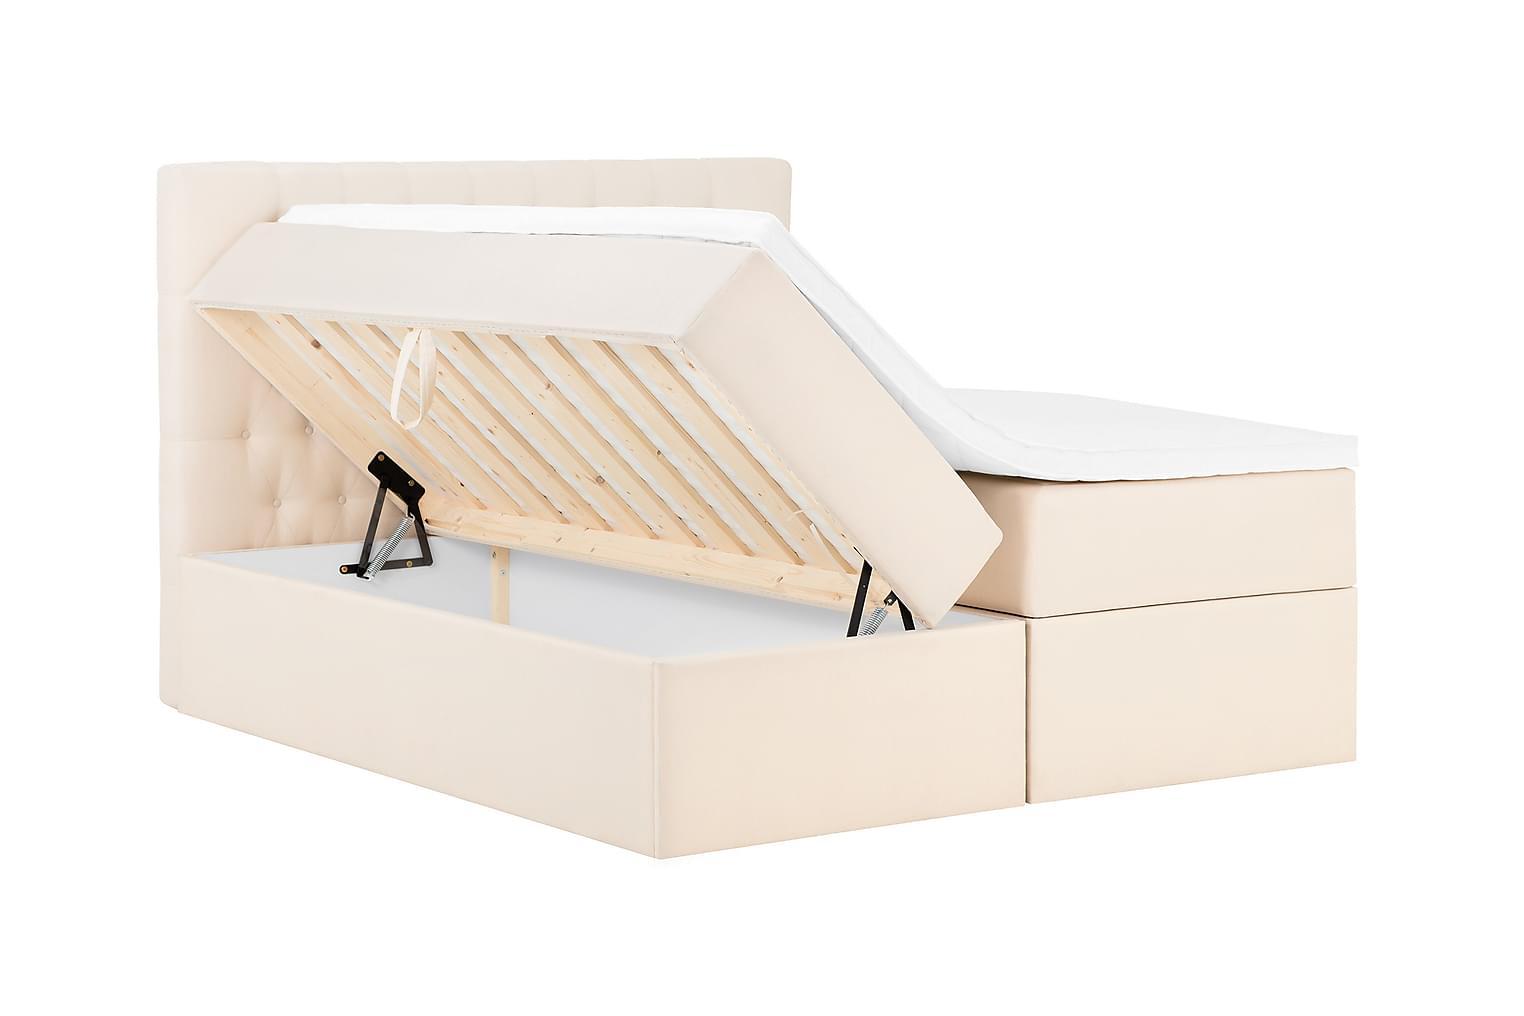 BOXBED Säilytyssänky 160 - Sänkypaketti Beige